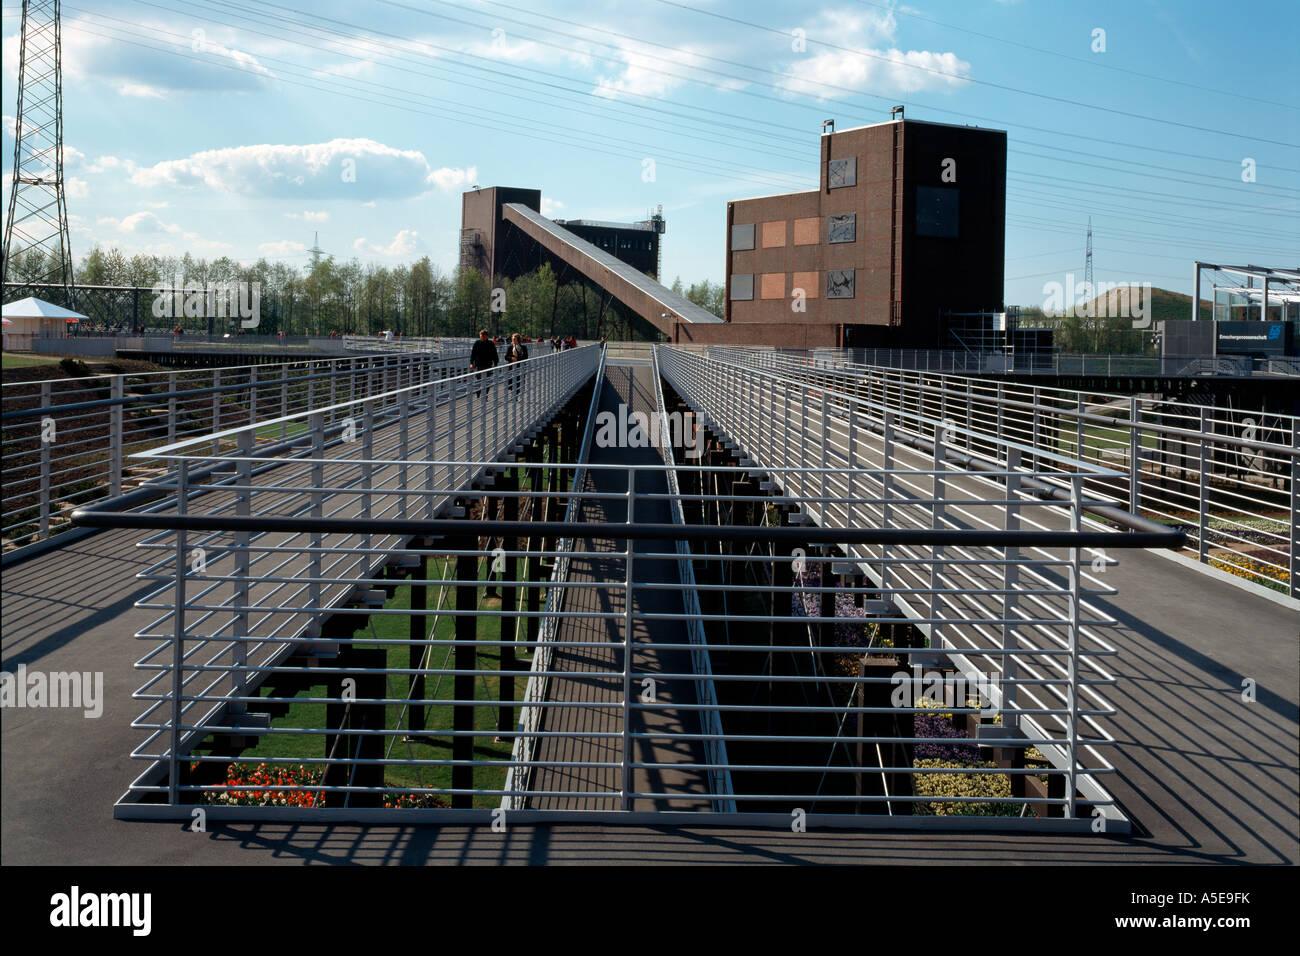 Gelsenkirchen, ehemalige Zeche Nordstern, BUGA 97, Kohlenmischanlage mit Stegen Stock Photo